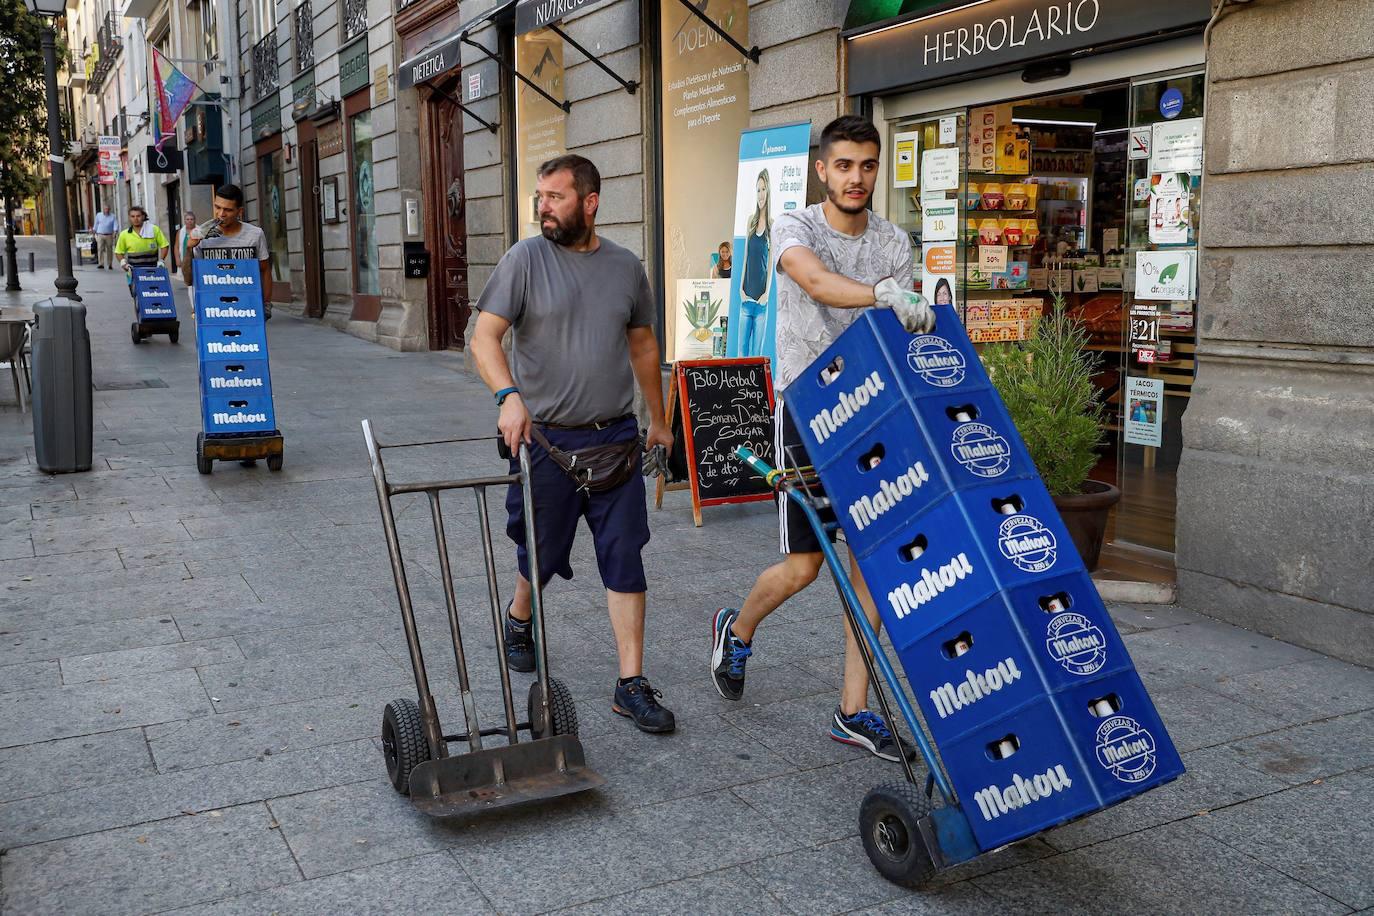 Los castellanos y leoneses se situan entre los españoles que menos cobran